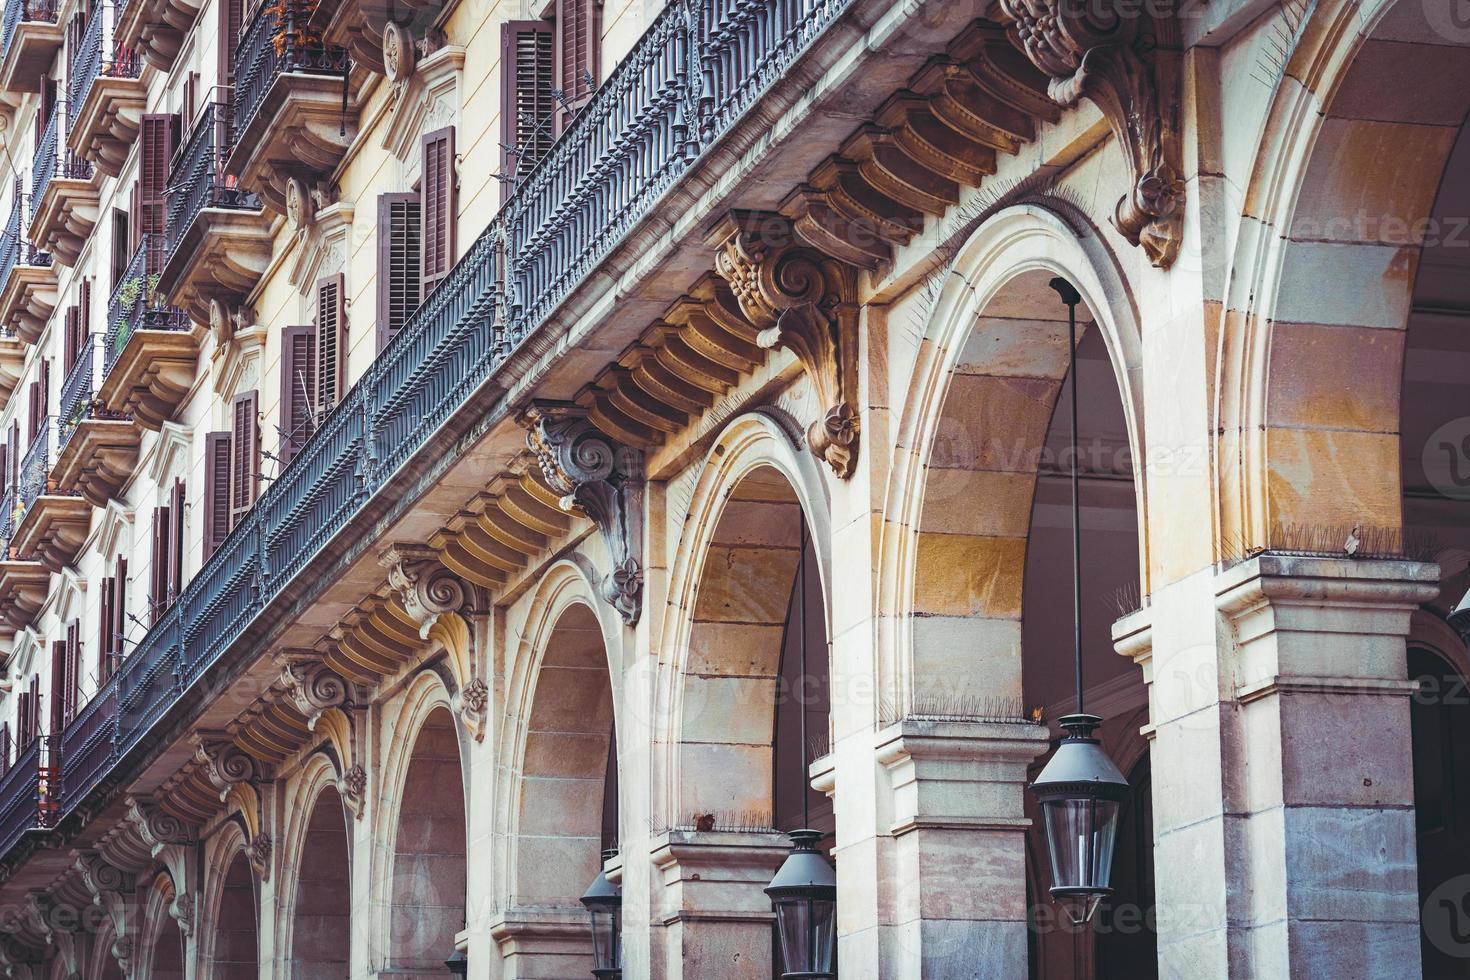 Balkone und Arkaden eines neoklassizistischen Gebäudes foto